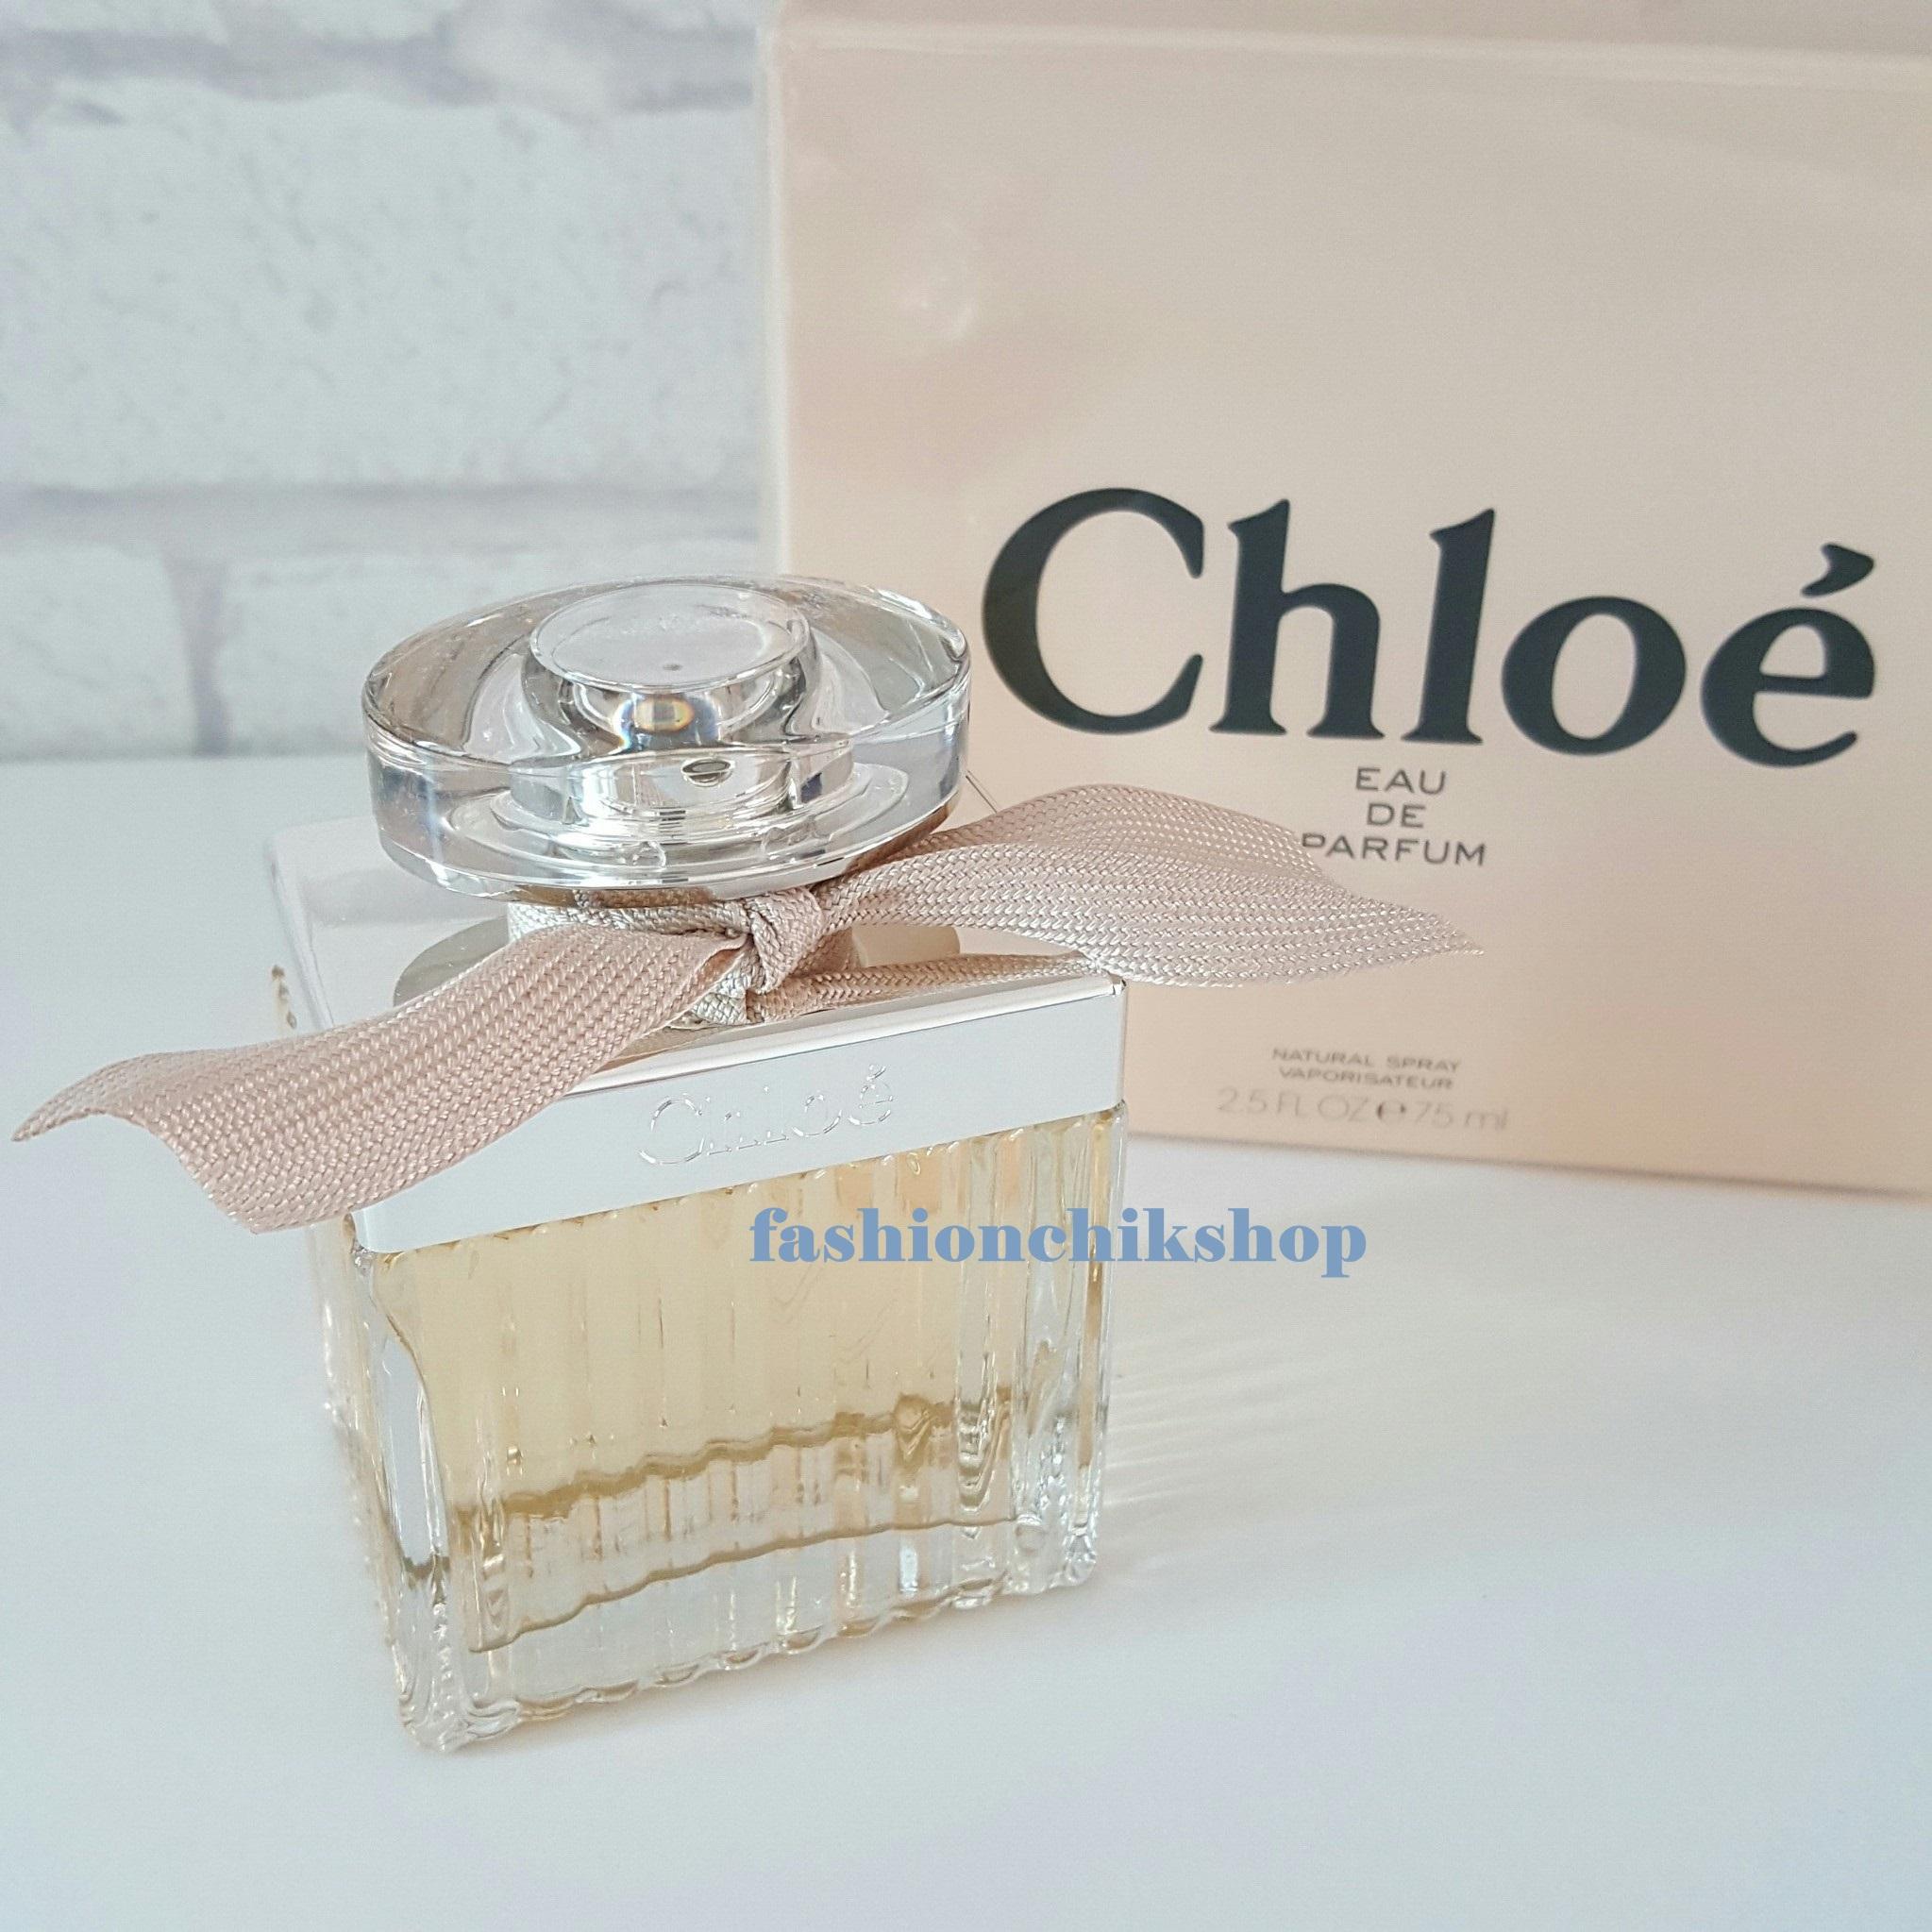 พร้อมส่ง ตำนานน้ำหอมบทใหม่ Eau De Parfum จาก Chloe